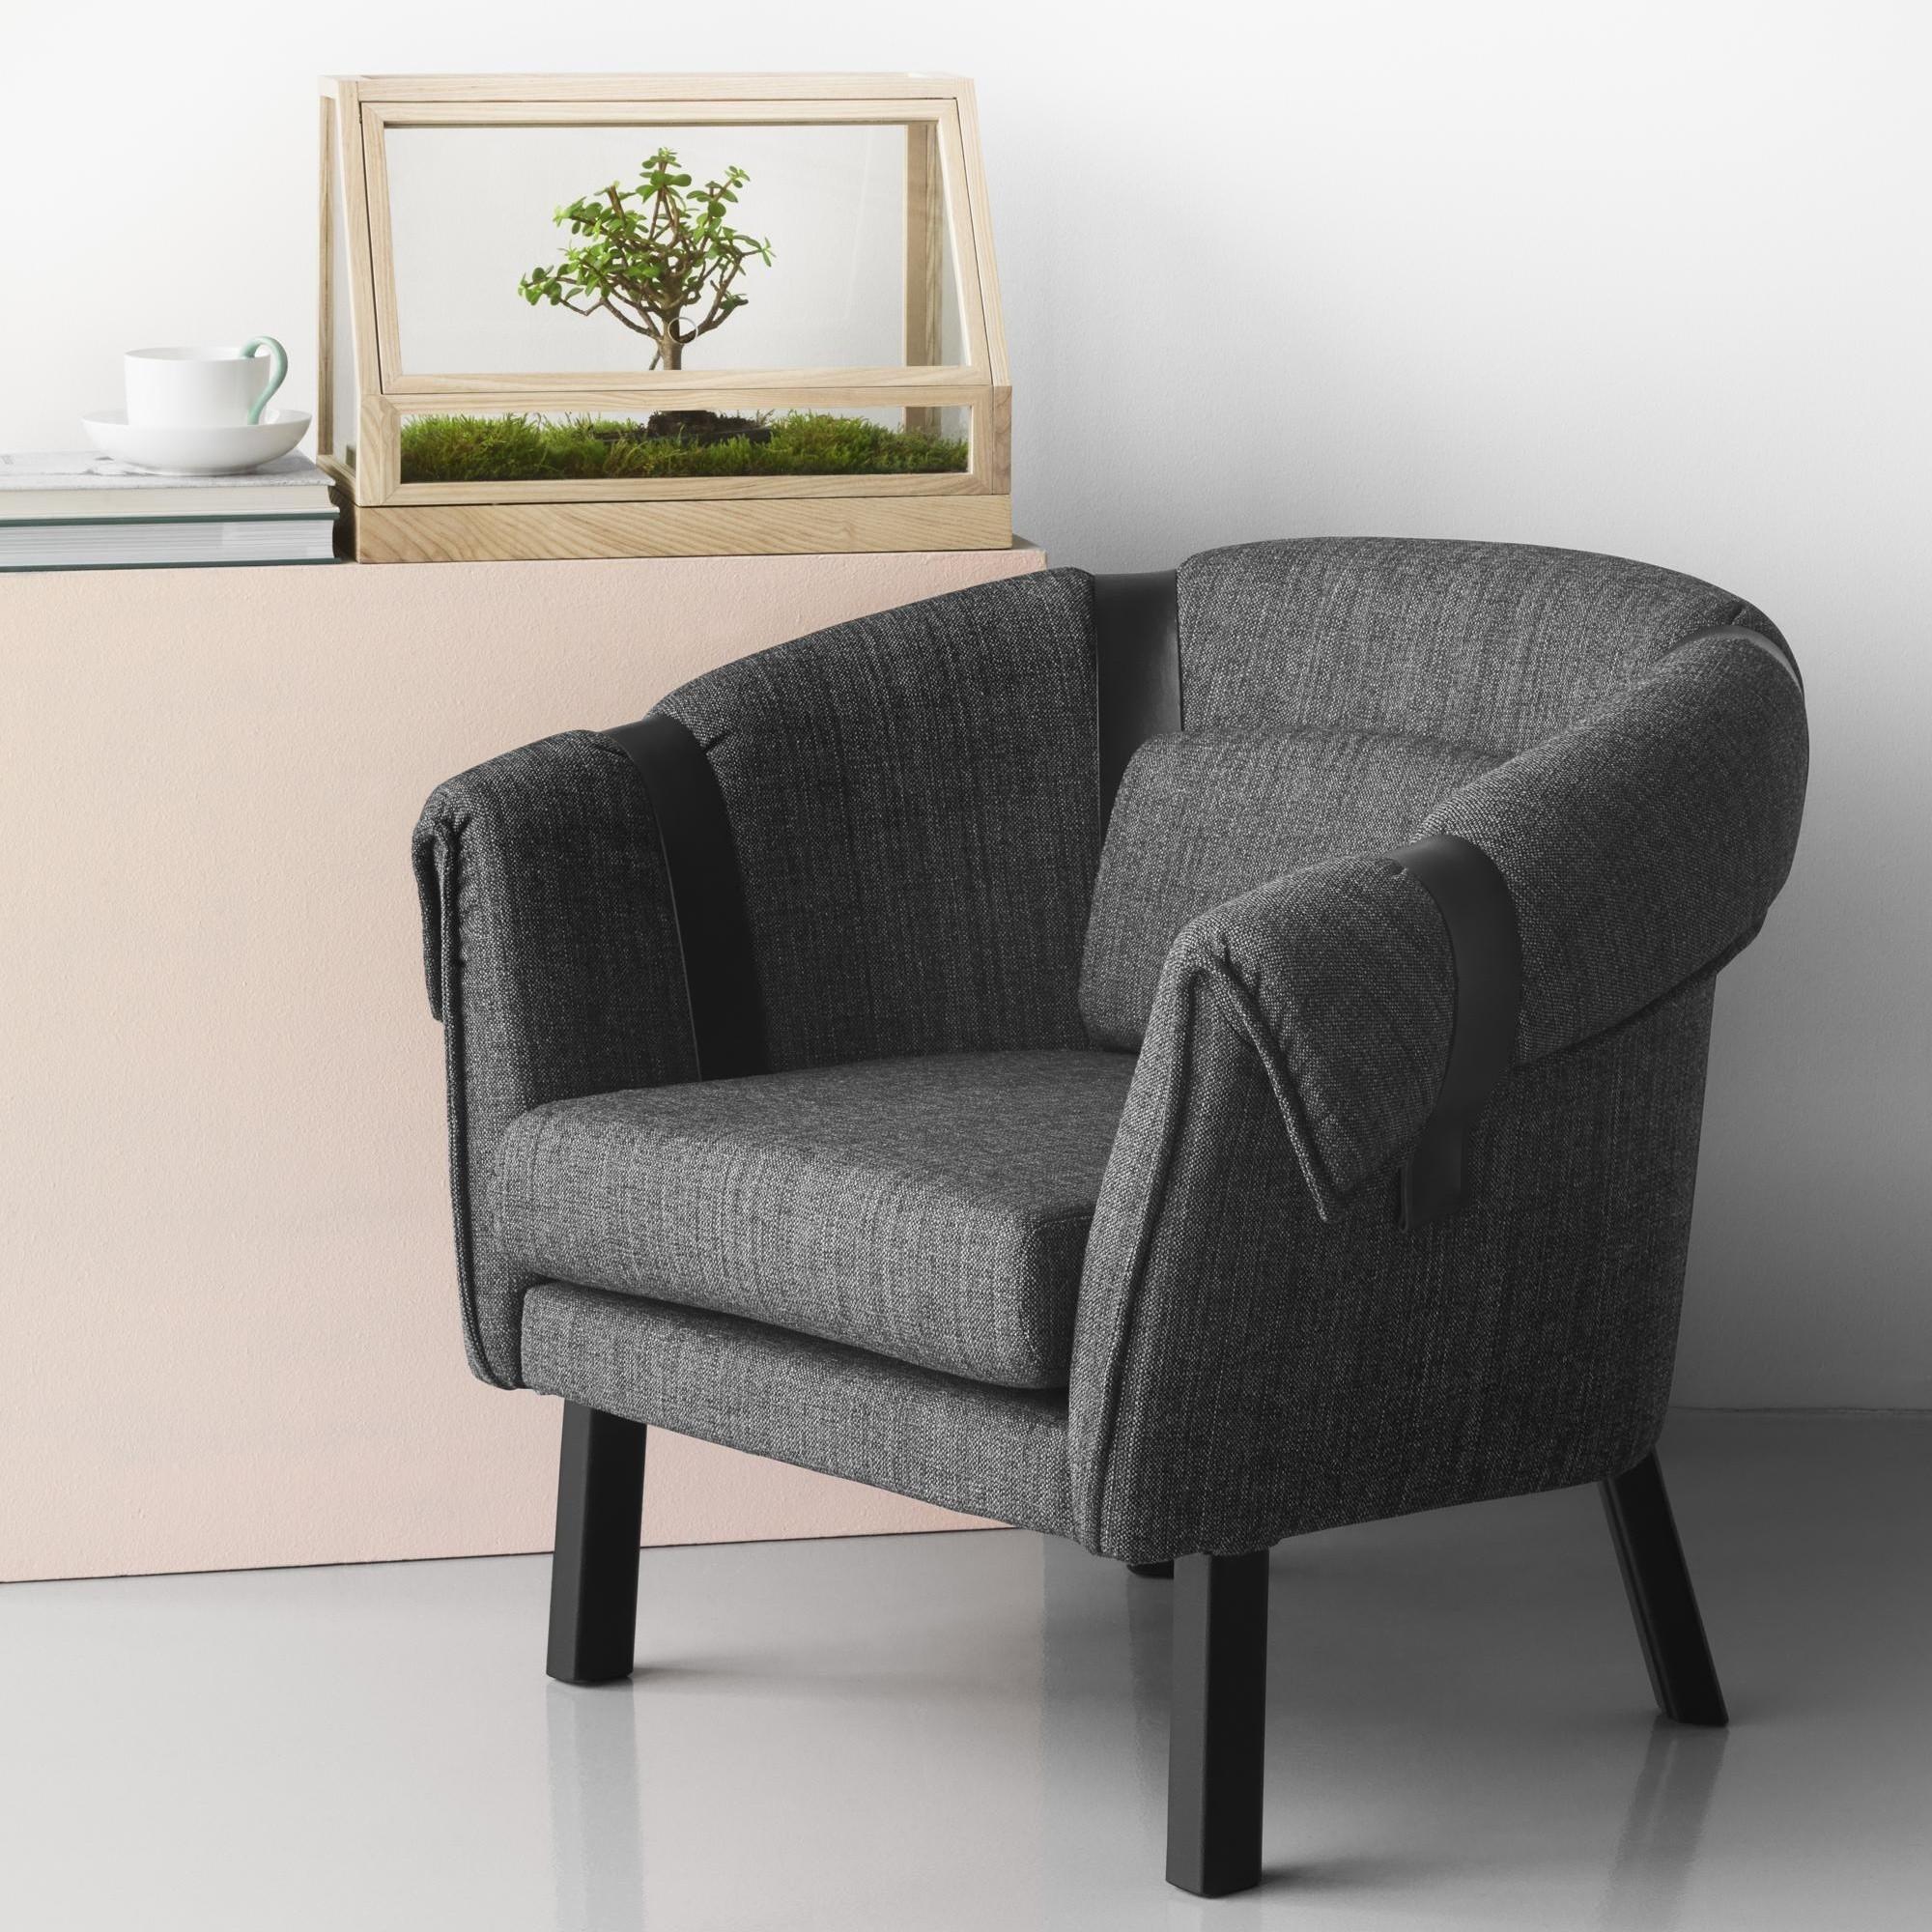 design house stockholm greenhouse mini conservatory. Black Bedroom Furniture Sets. Home Design Ideas